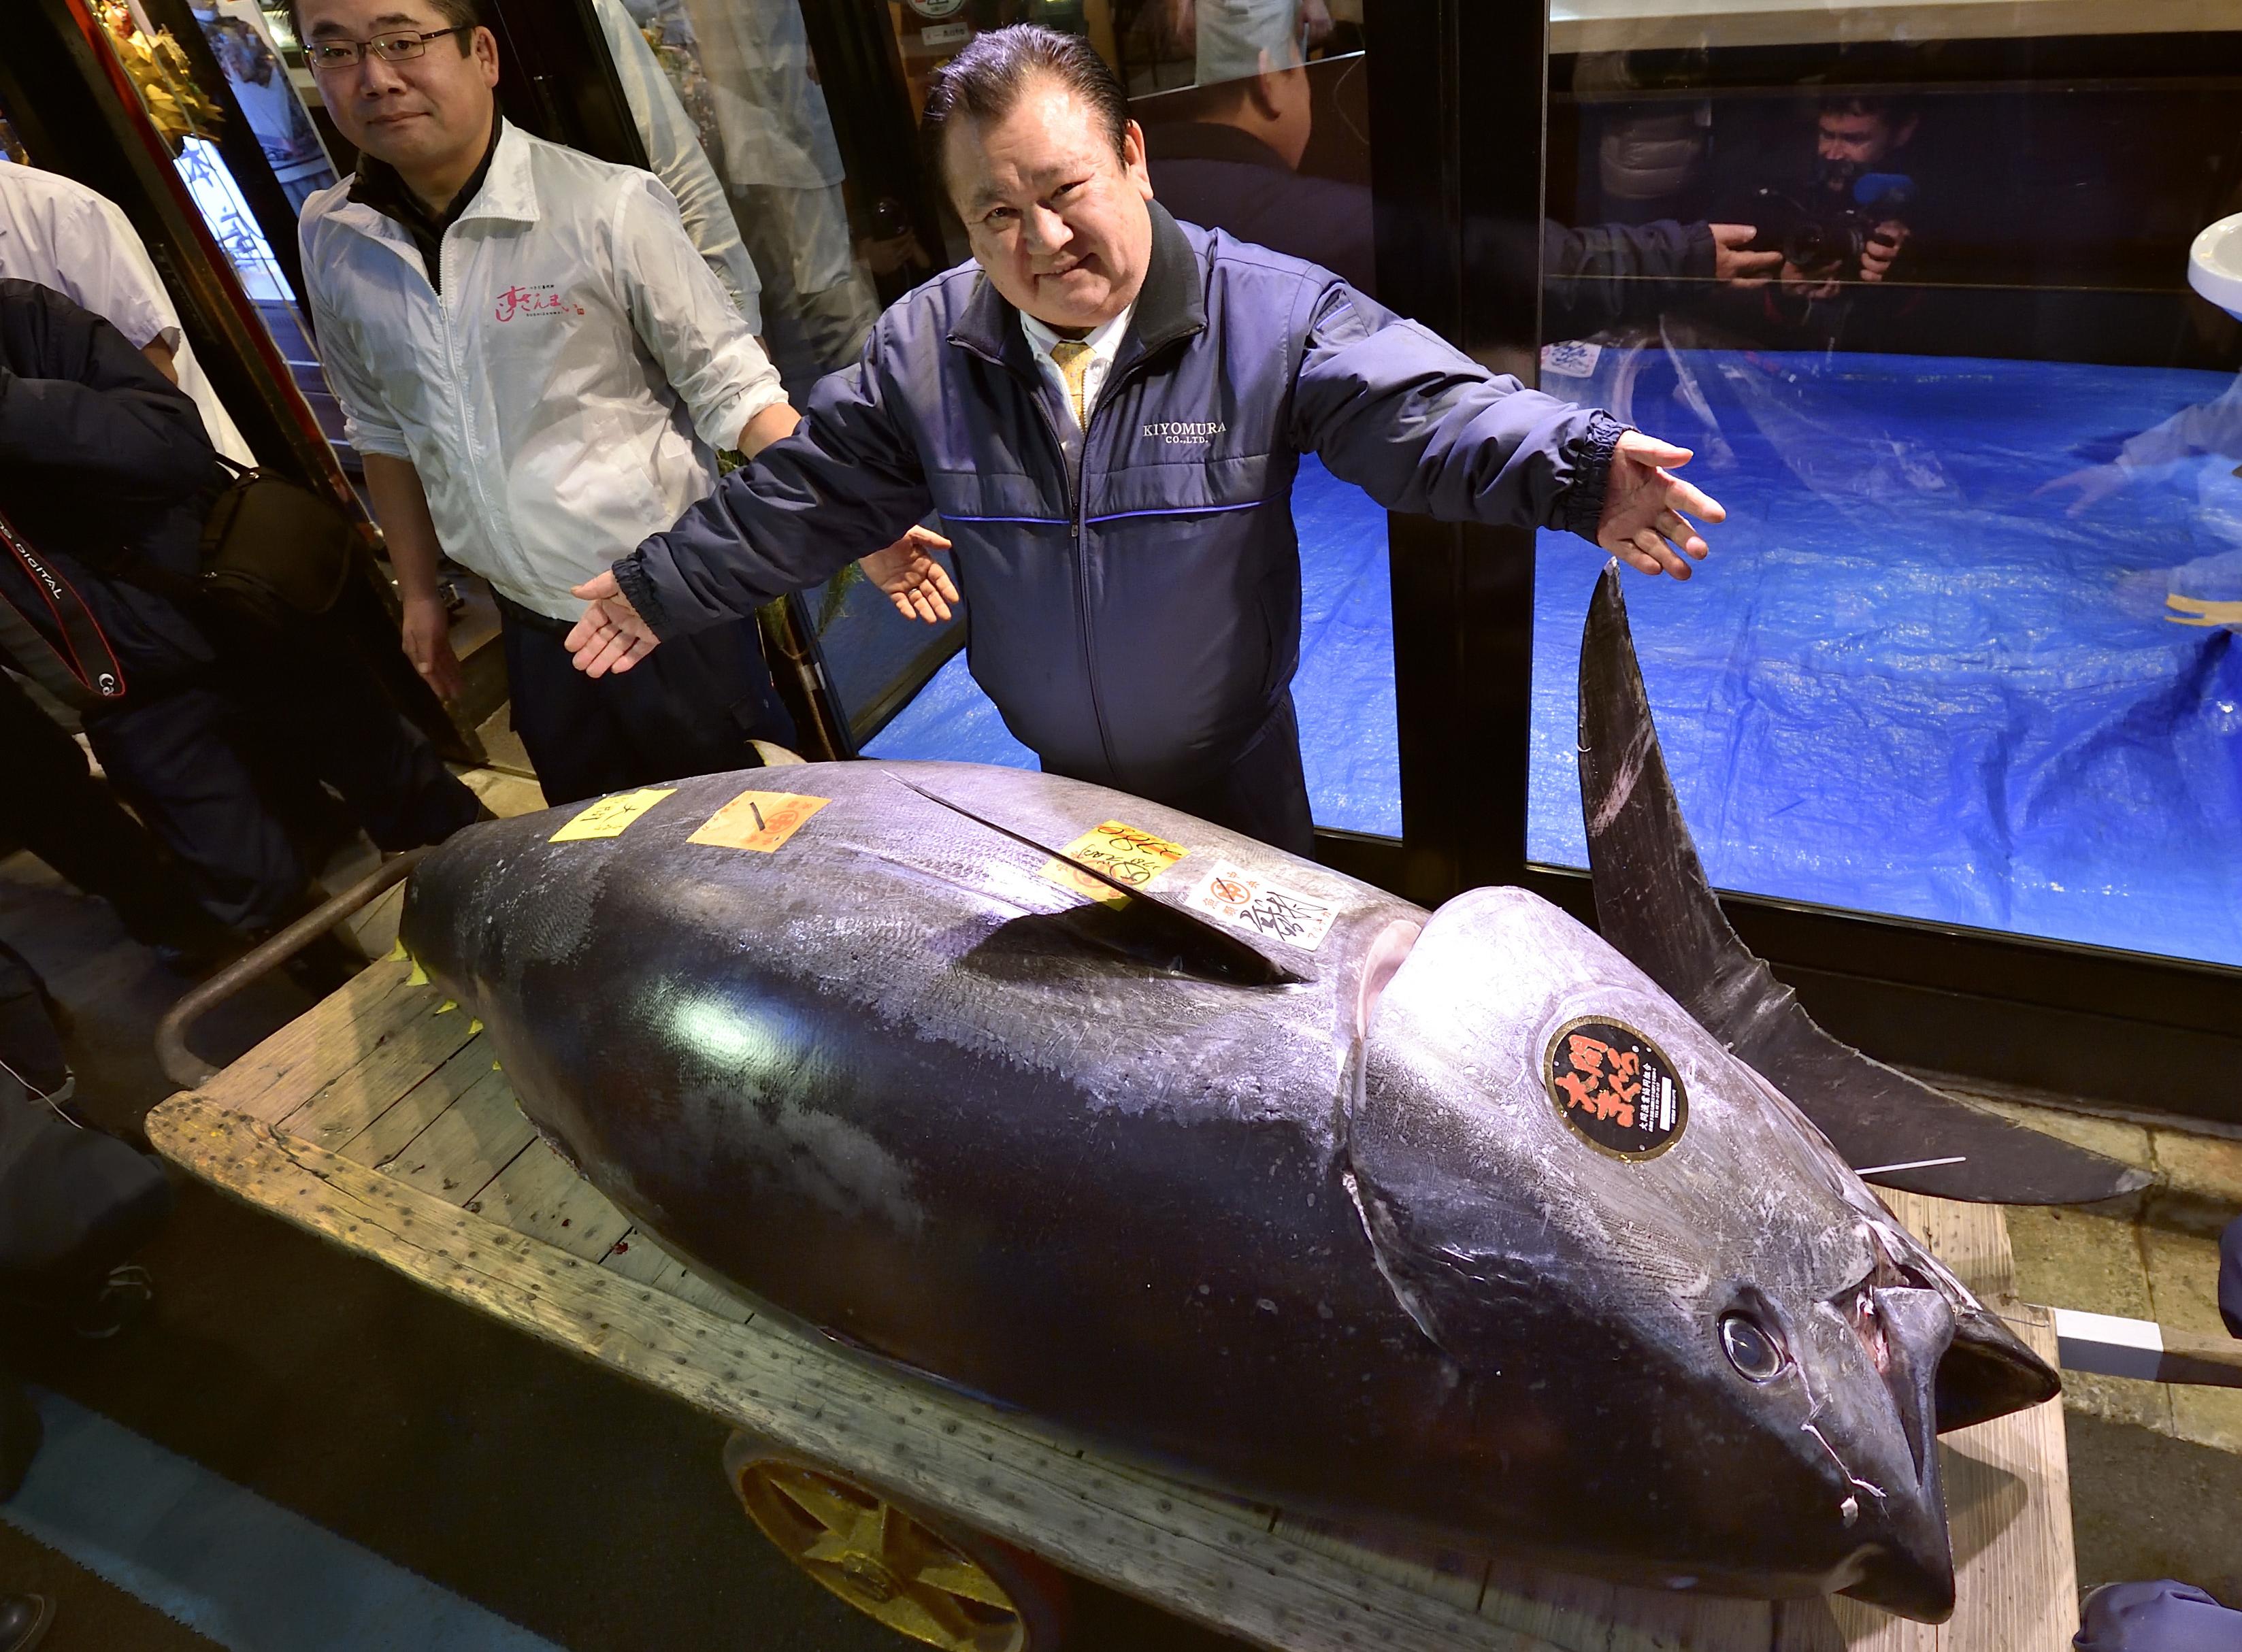 El atún más caro del mundo